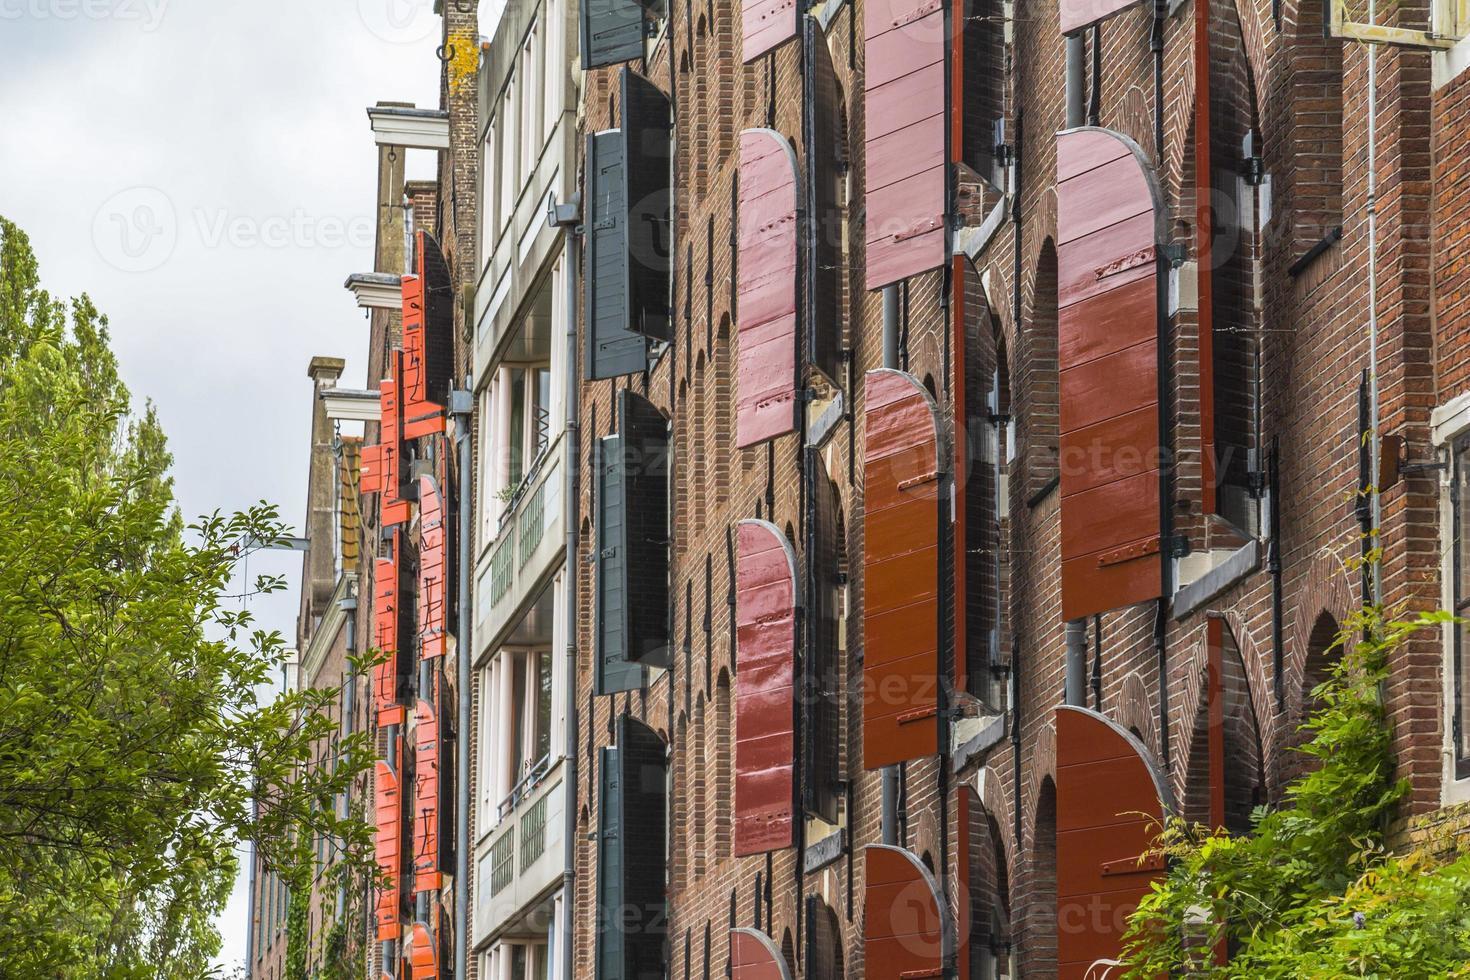 Persianas de madera en casas típicas de Amsterdam foto